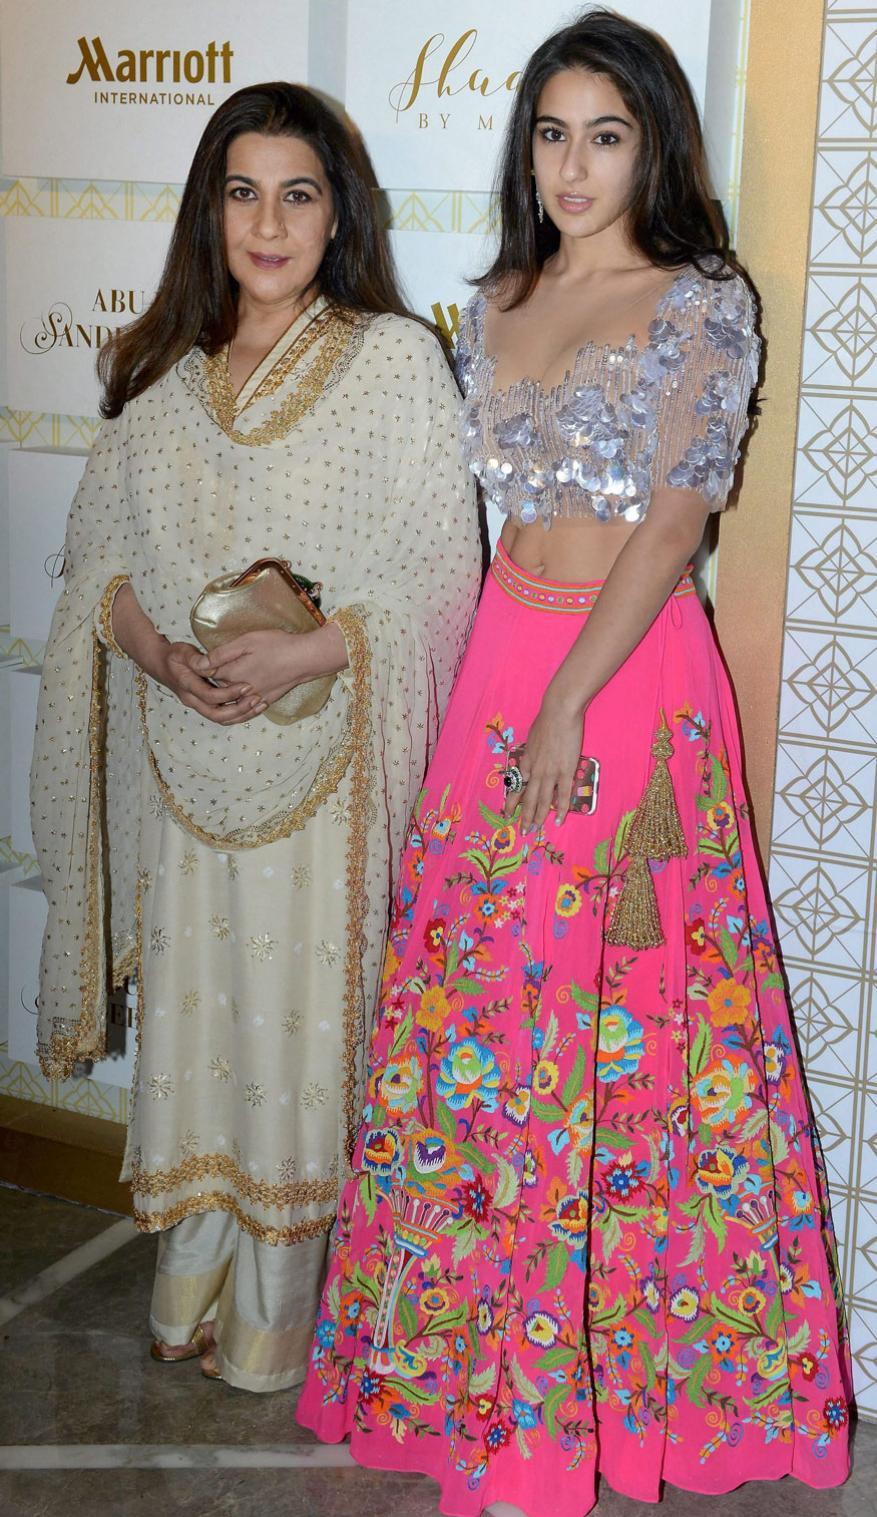 తల్లి అమృత సింగ్తో సారా అలీ ఖాన్ (Image: PTI)